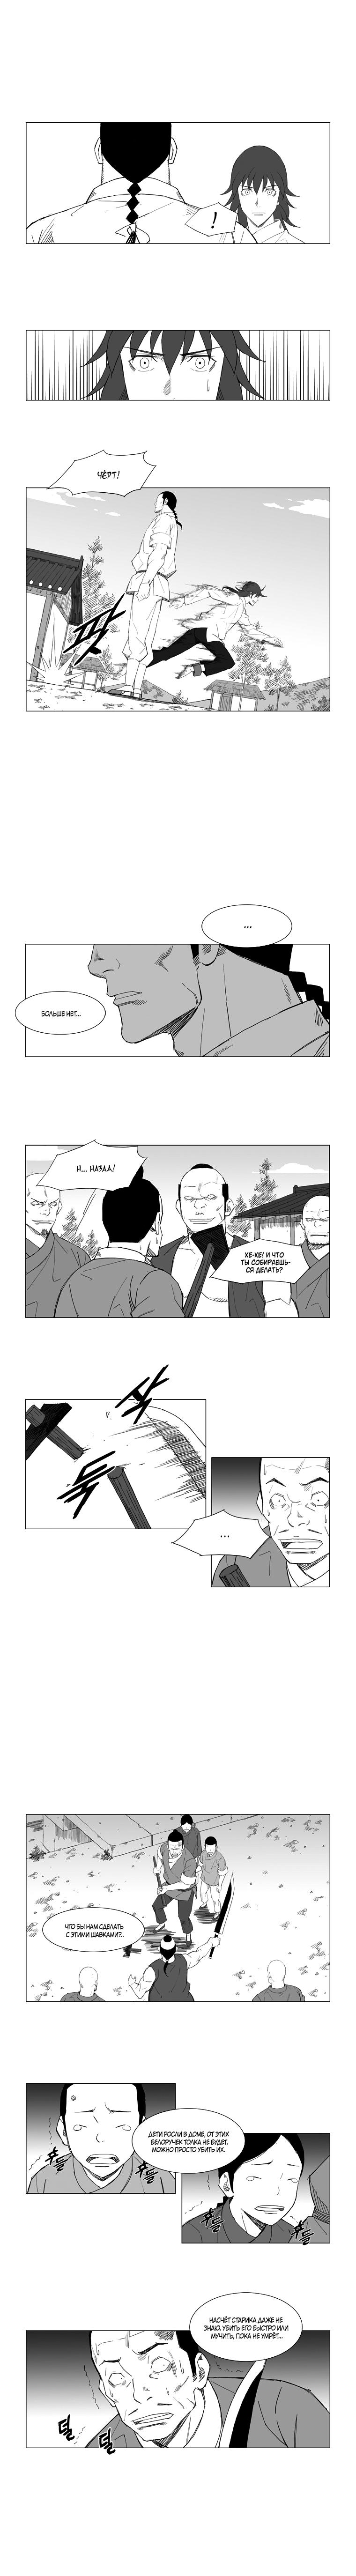 https://r1.ninemanga.com/comics/pic2/39/28263/321485/1490332428279.png Page 3